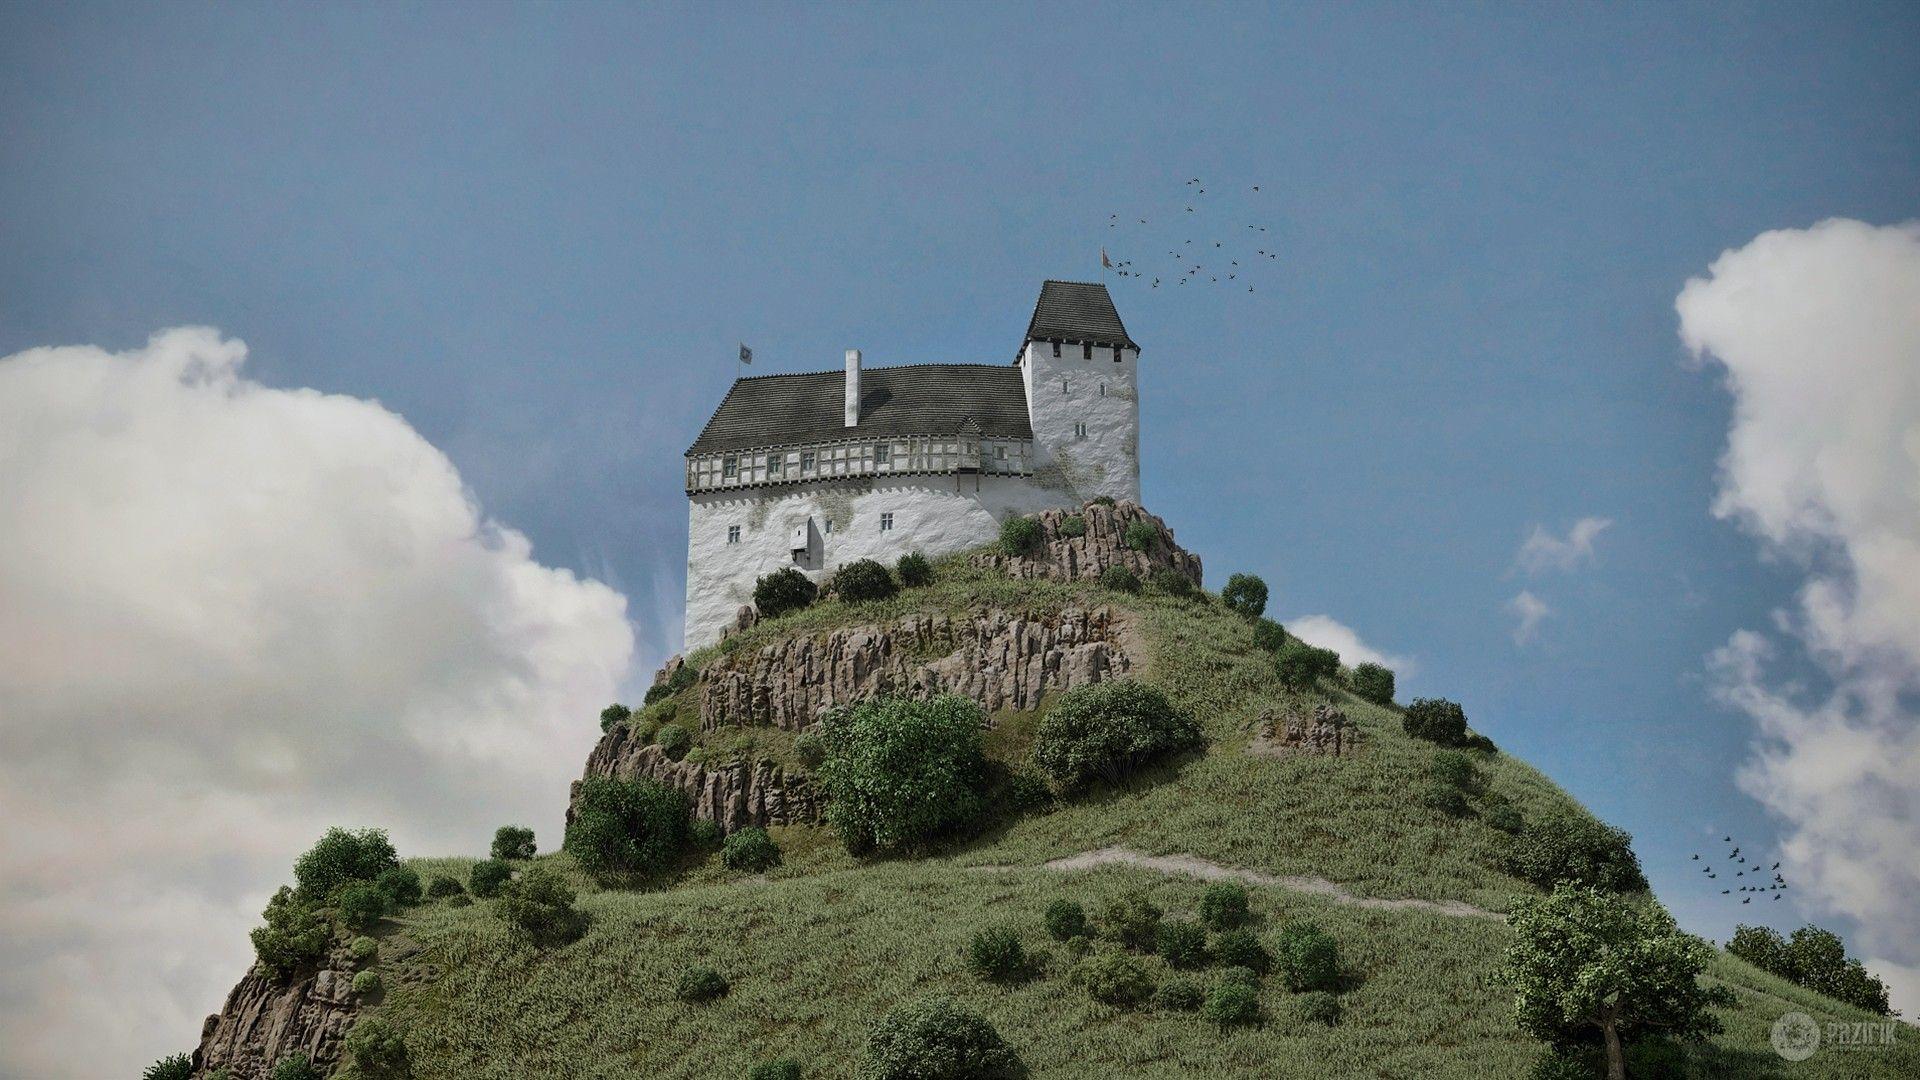 ArtStation - Salgó castle - 3D theoretical reconstruction, Pazirik